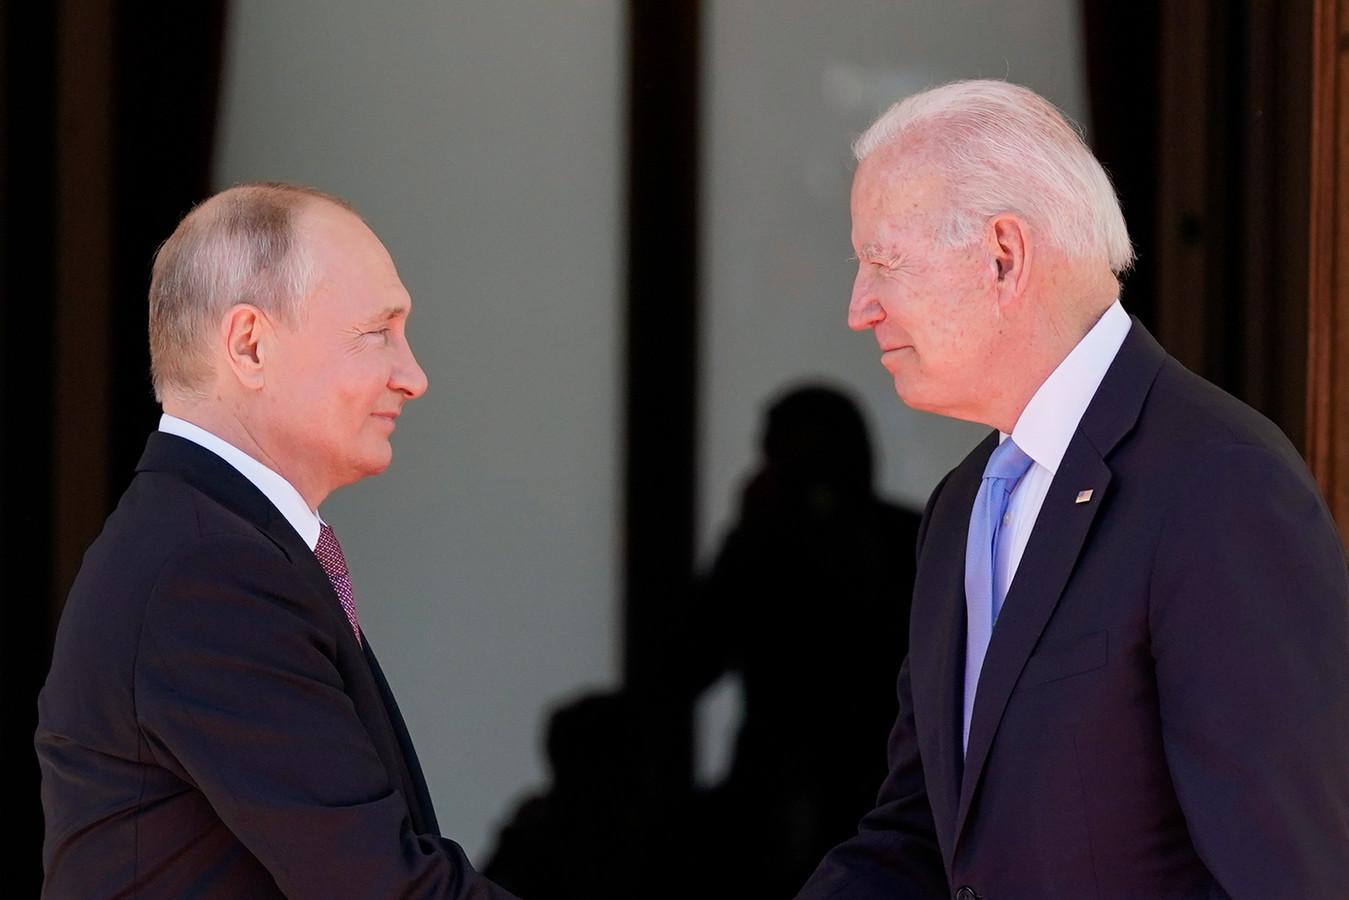 Vladimir Poetin en Joe Biden begroeten elkaar bij aankomst in Villa La Grange in Genève